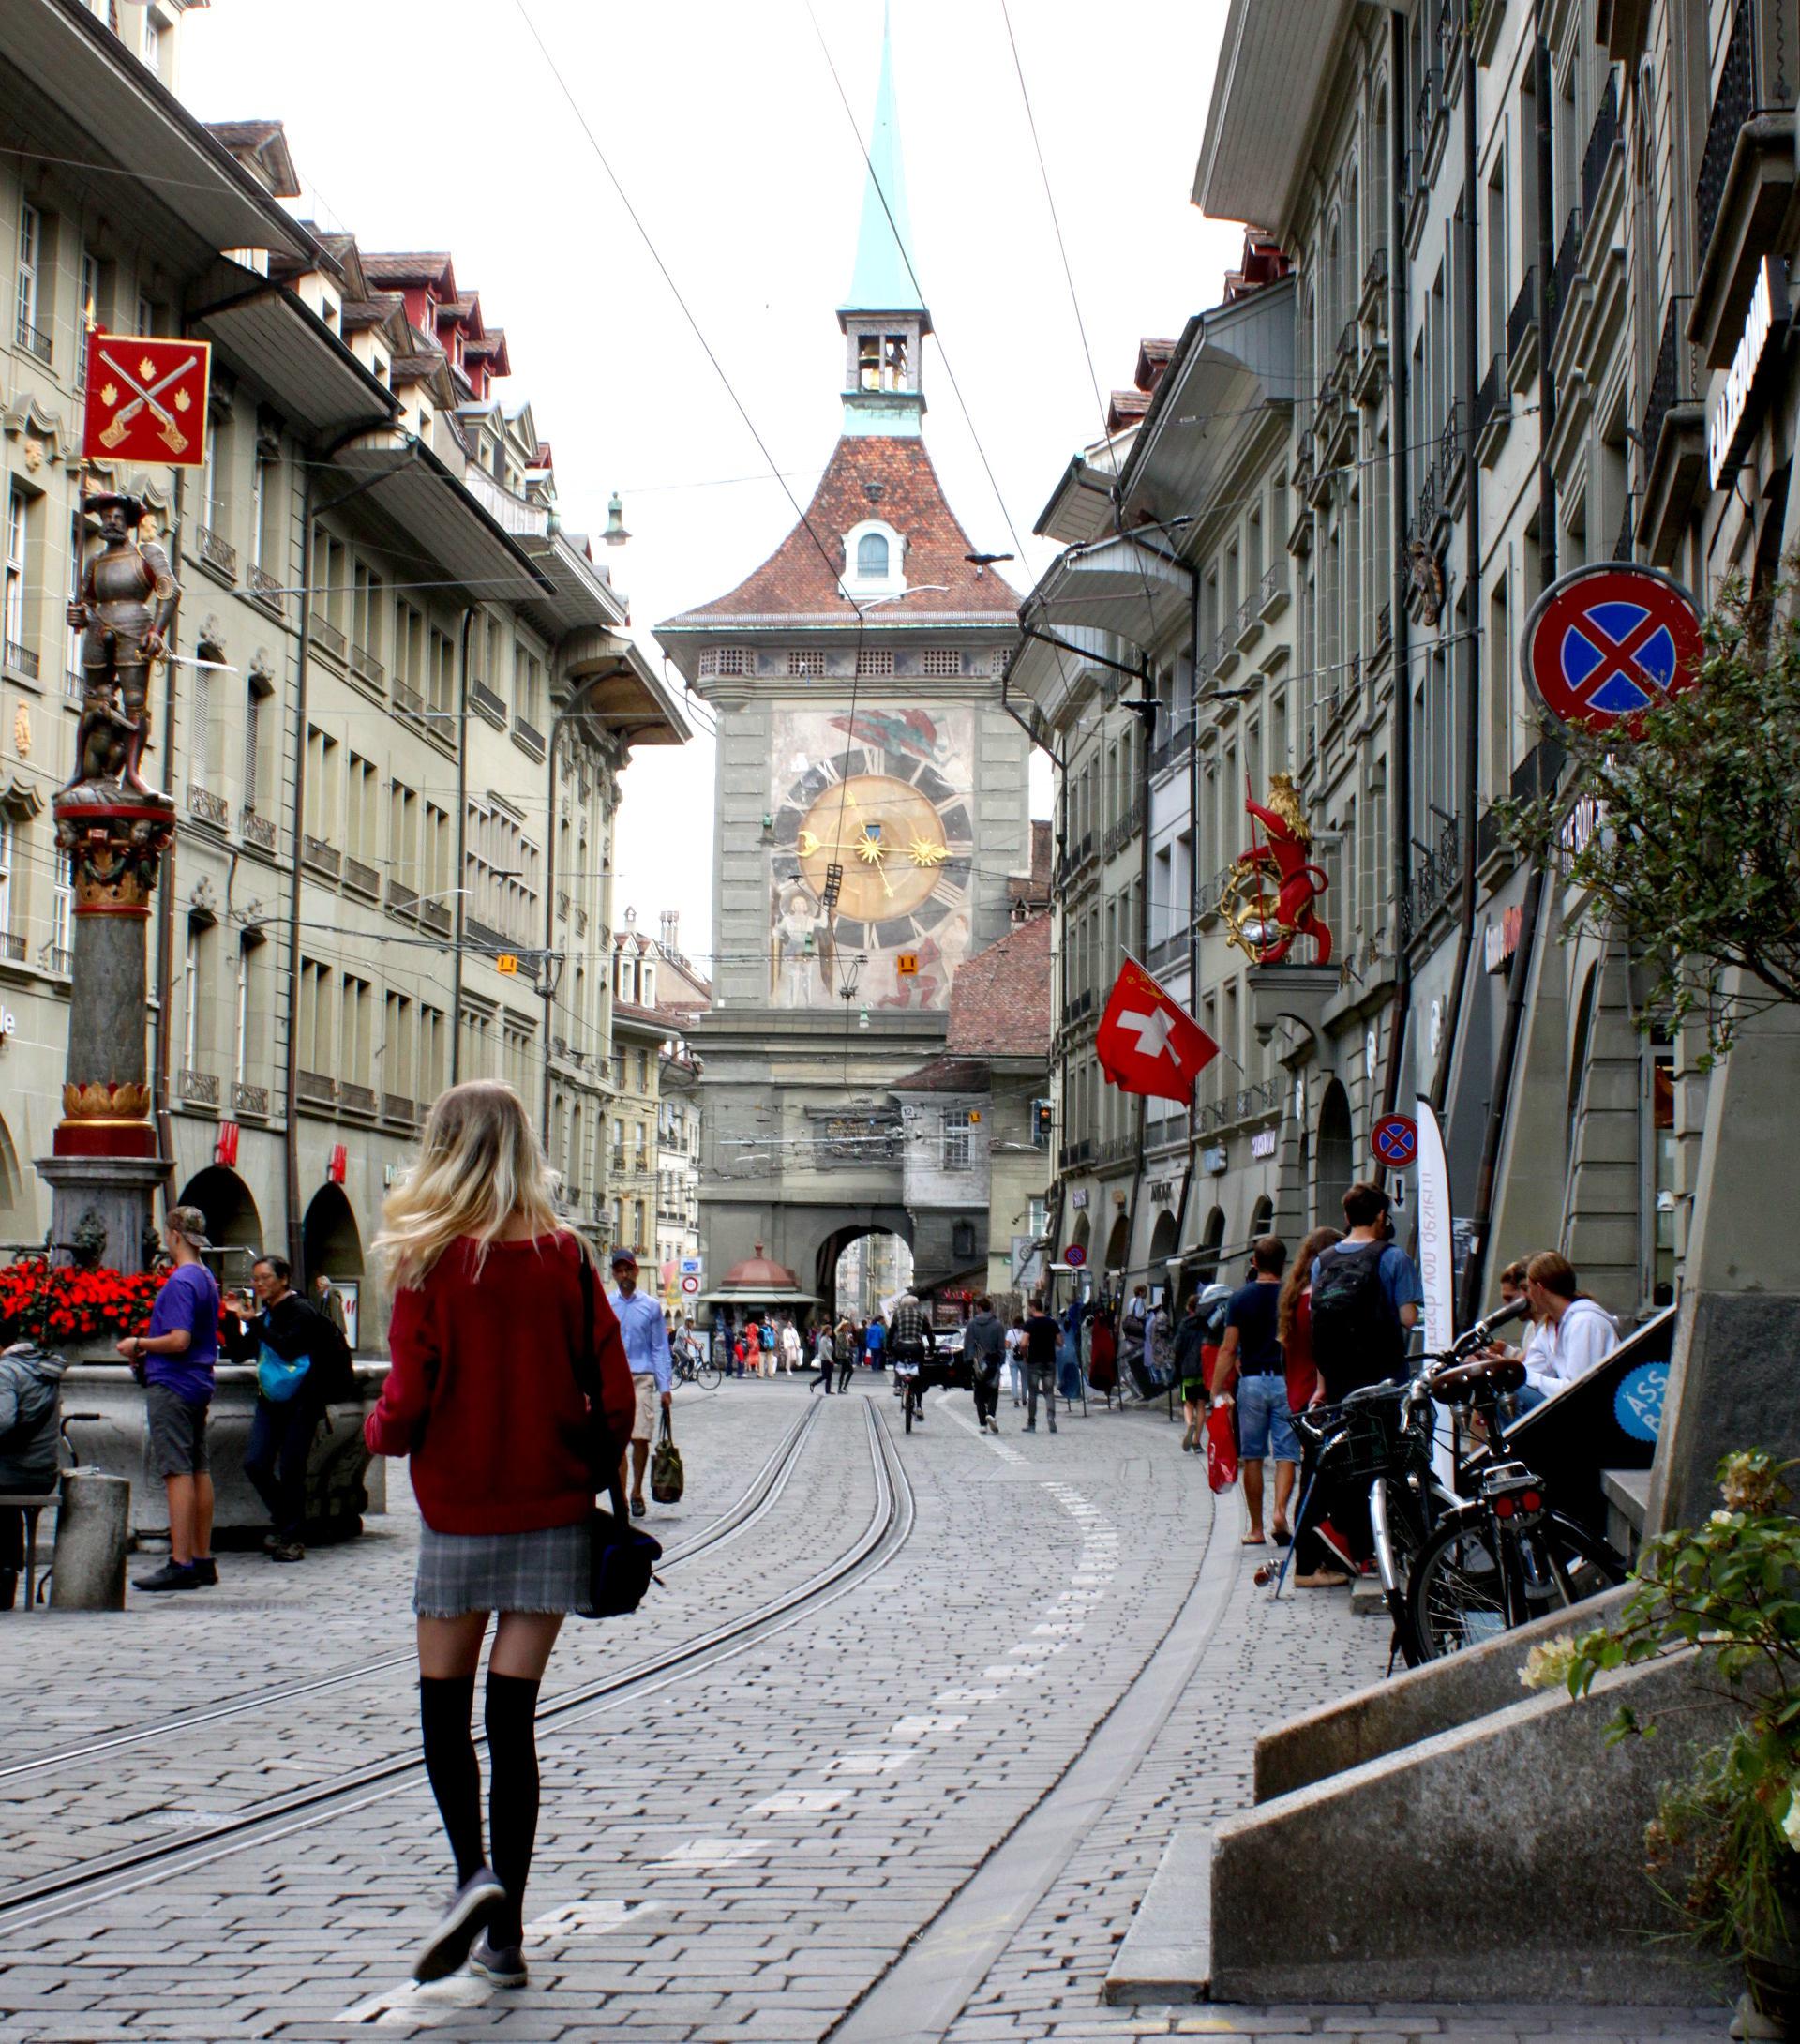 szwajcaria berno bern bramamiasta figurki kamienice zegar staremiasto stolica iglawpodrozy